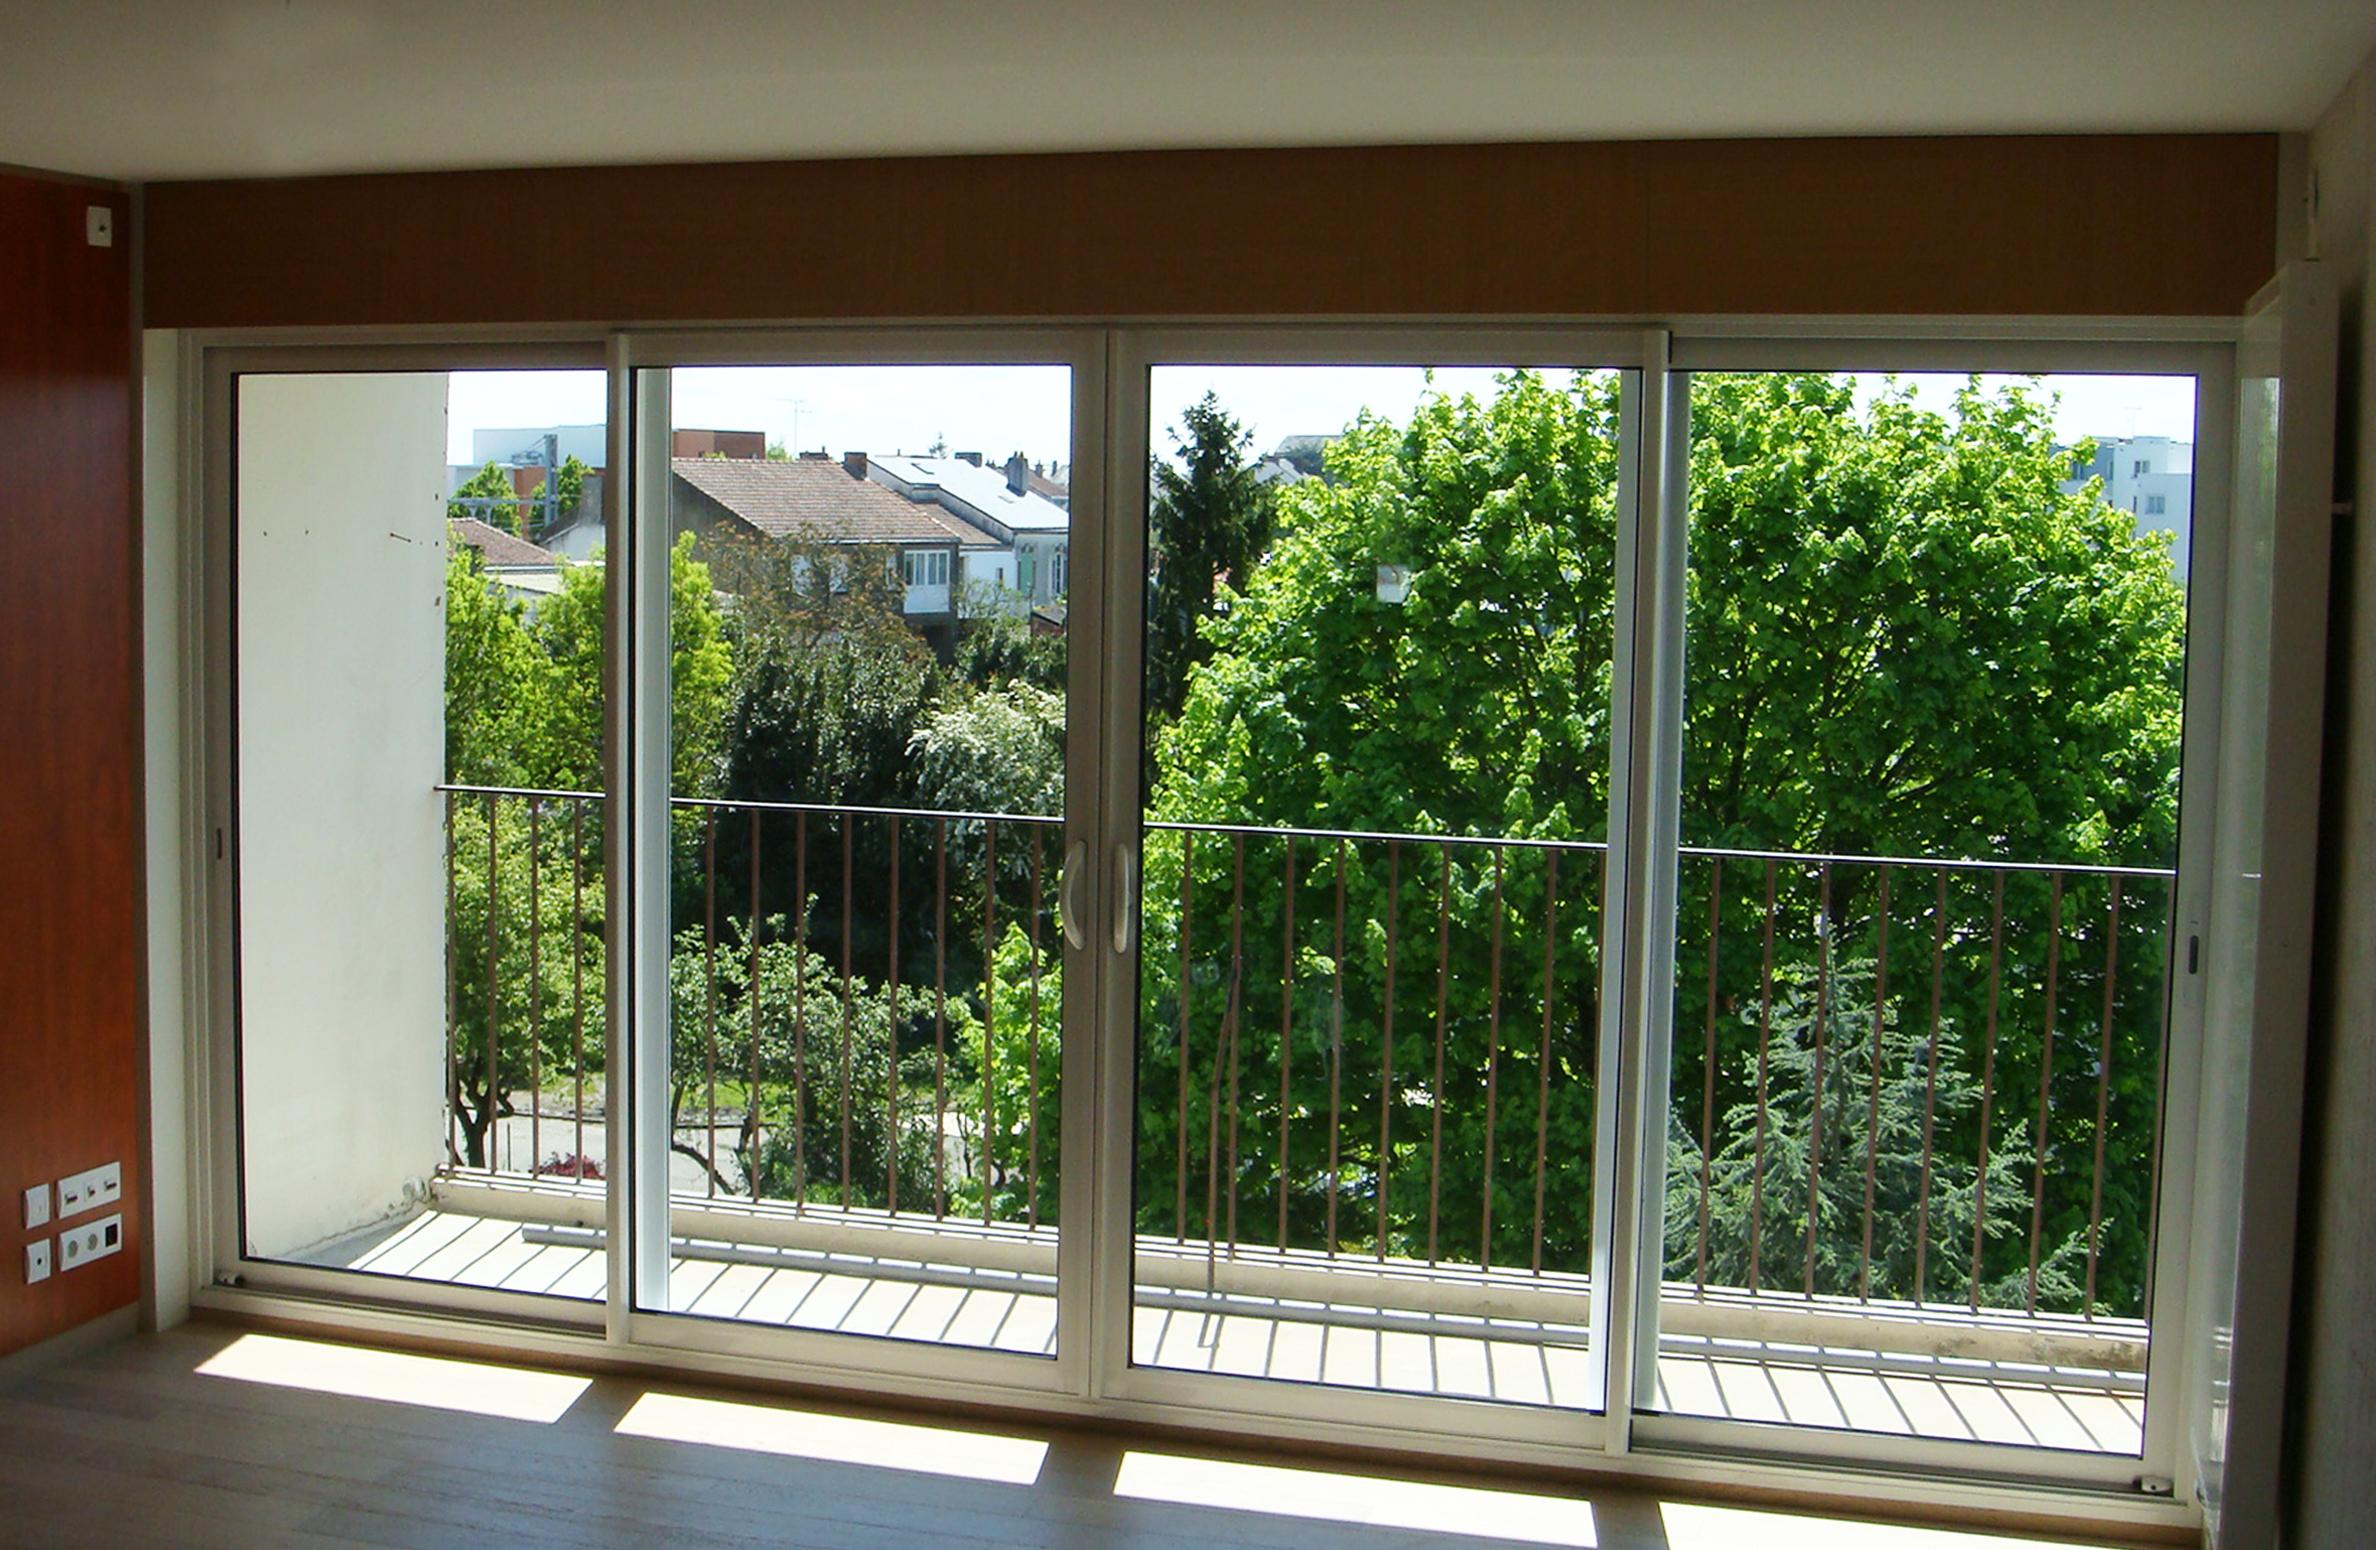 menuiserie exterieure amm belleville sur vie. Black Bedroom Furniture Sets. Home Design Ideas